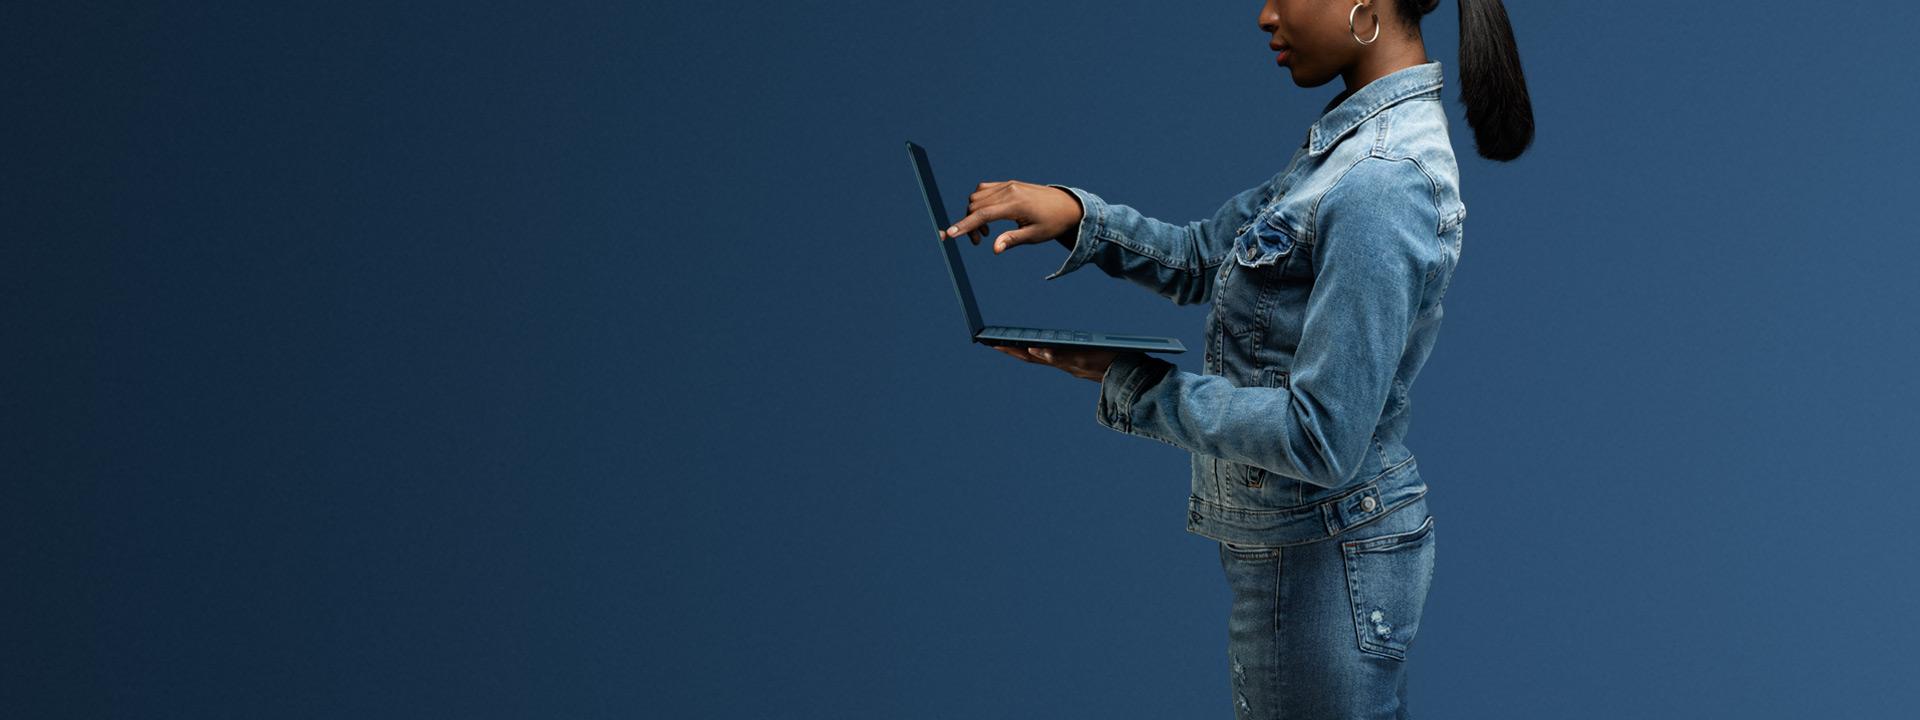 En pige holder Surface laptop 2, mens hun rører skærmen